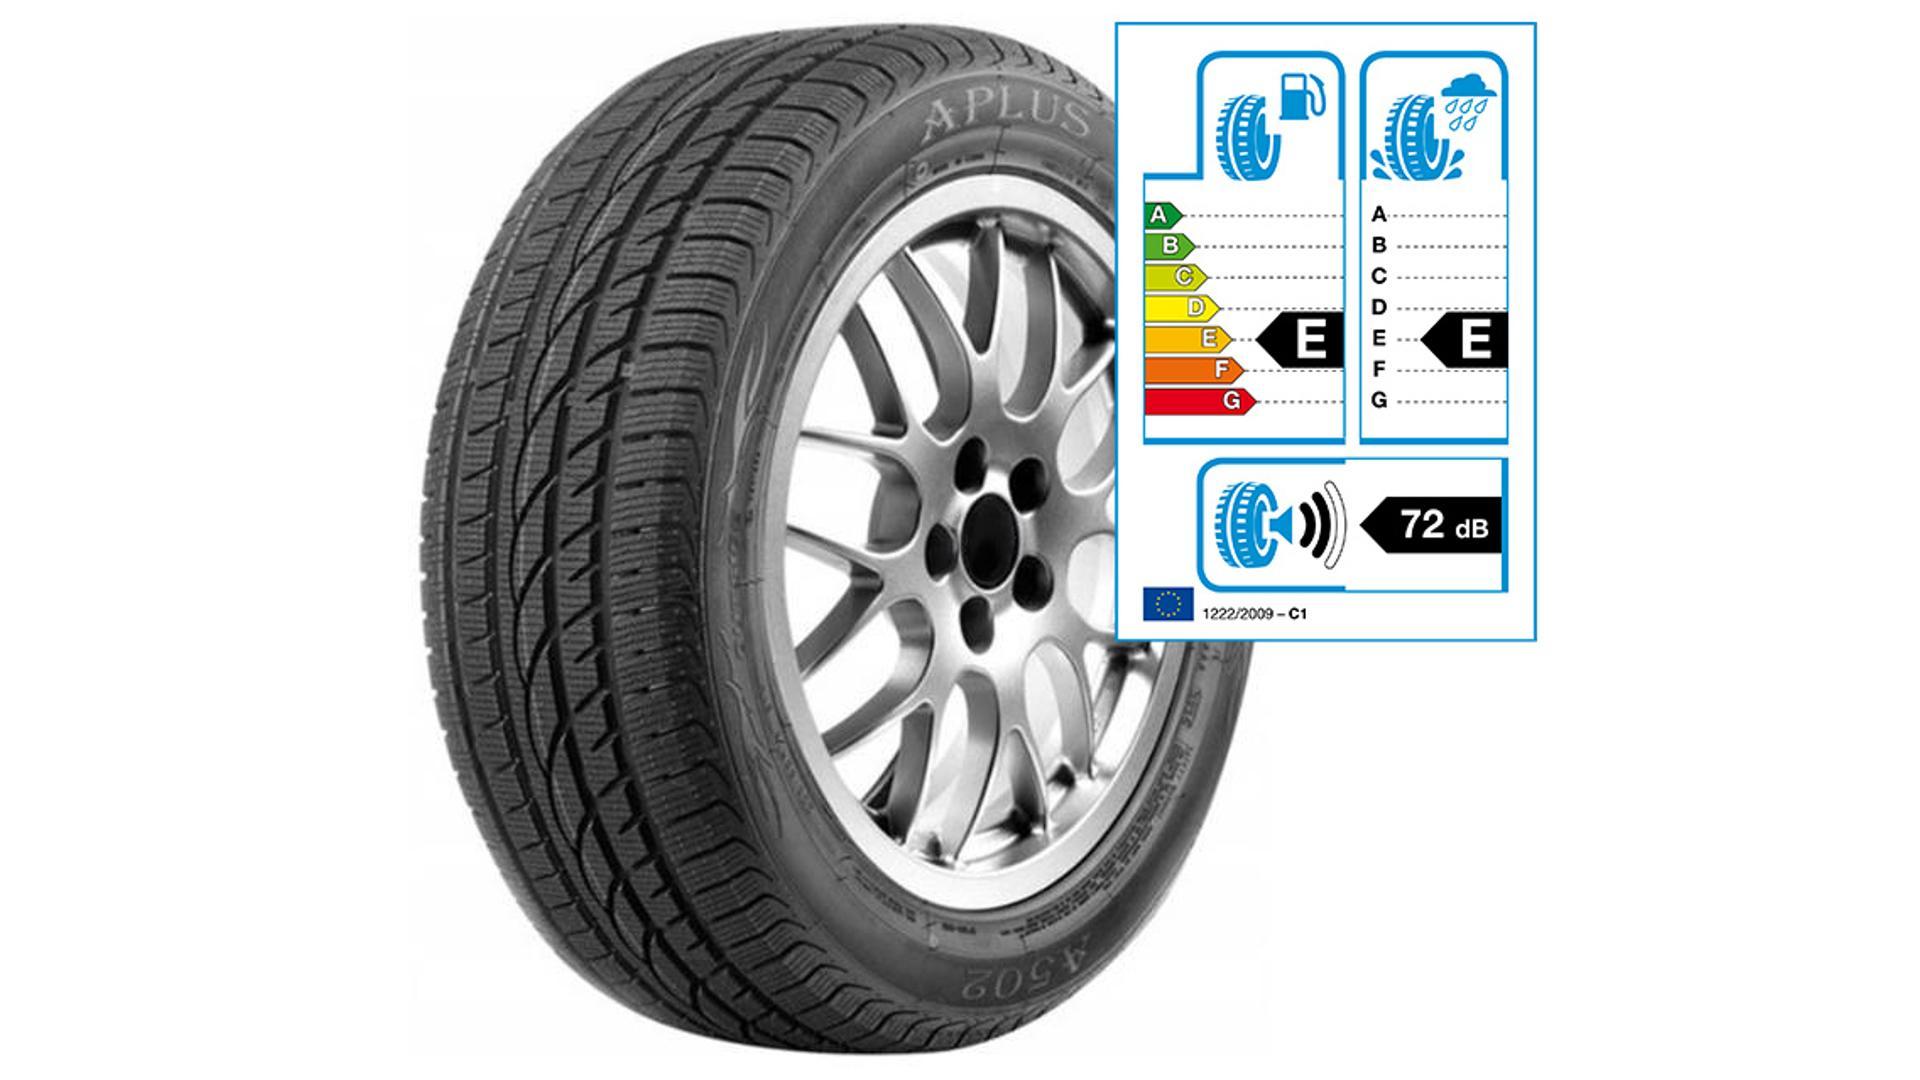 A502 Zimná pneumatika 205/50R17 93HXL